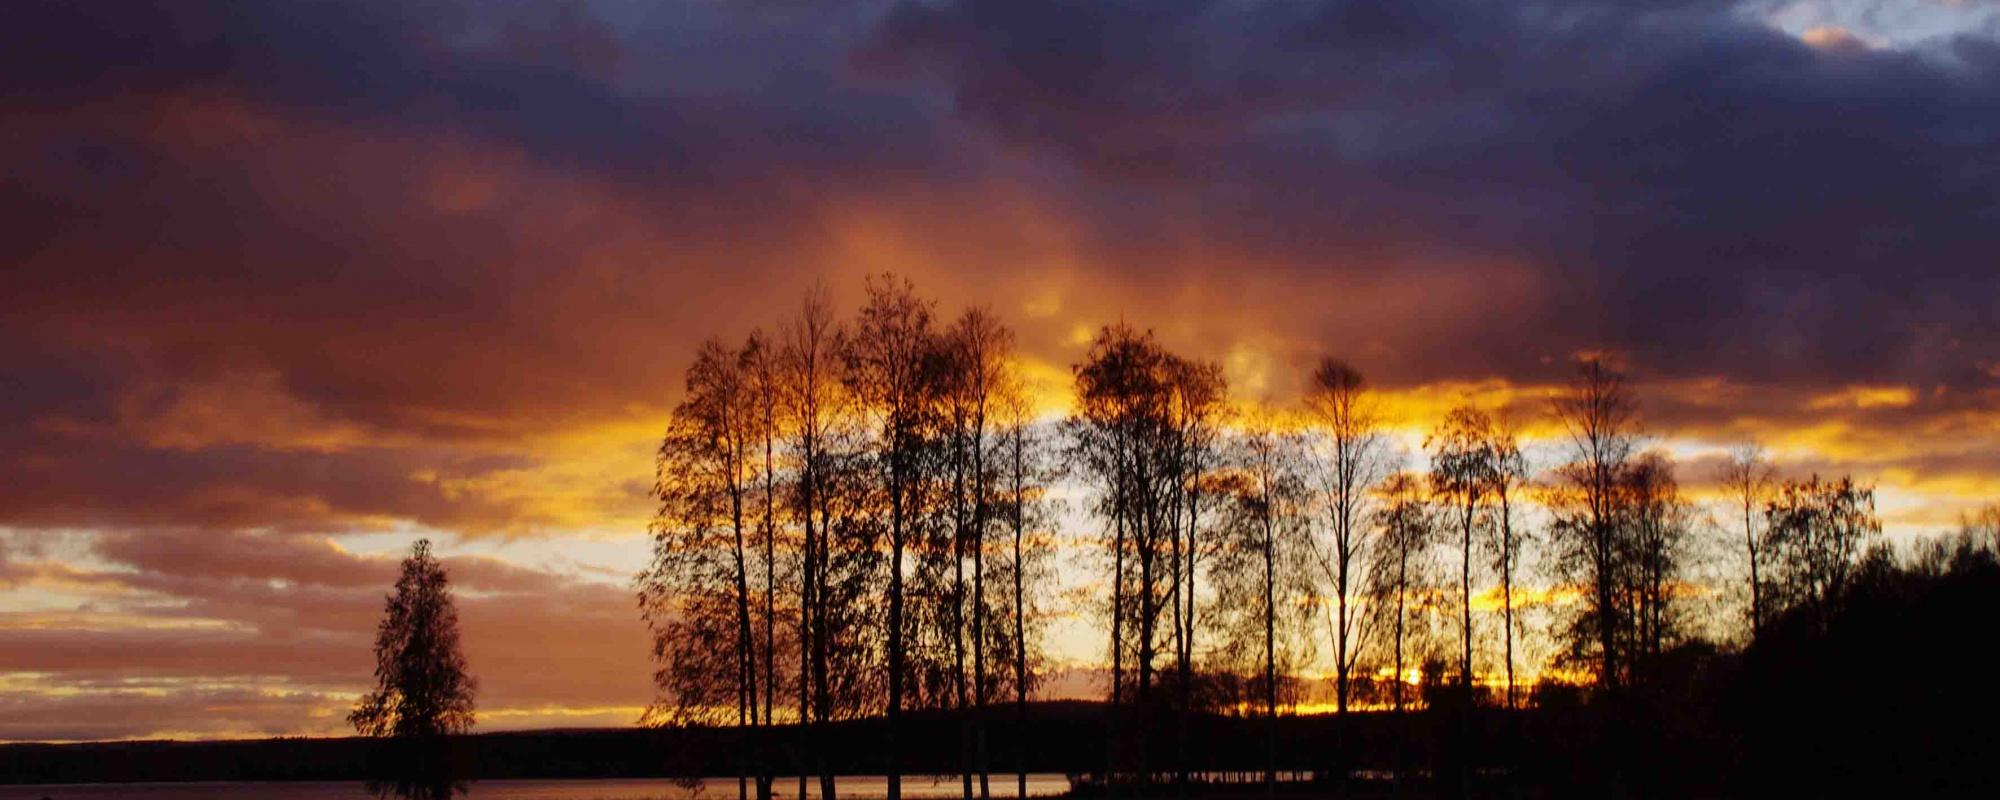 Autumn evening in Innansjön